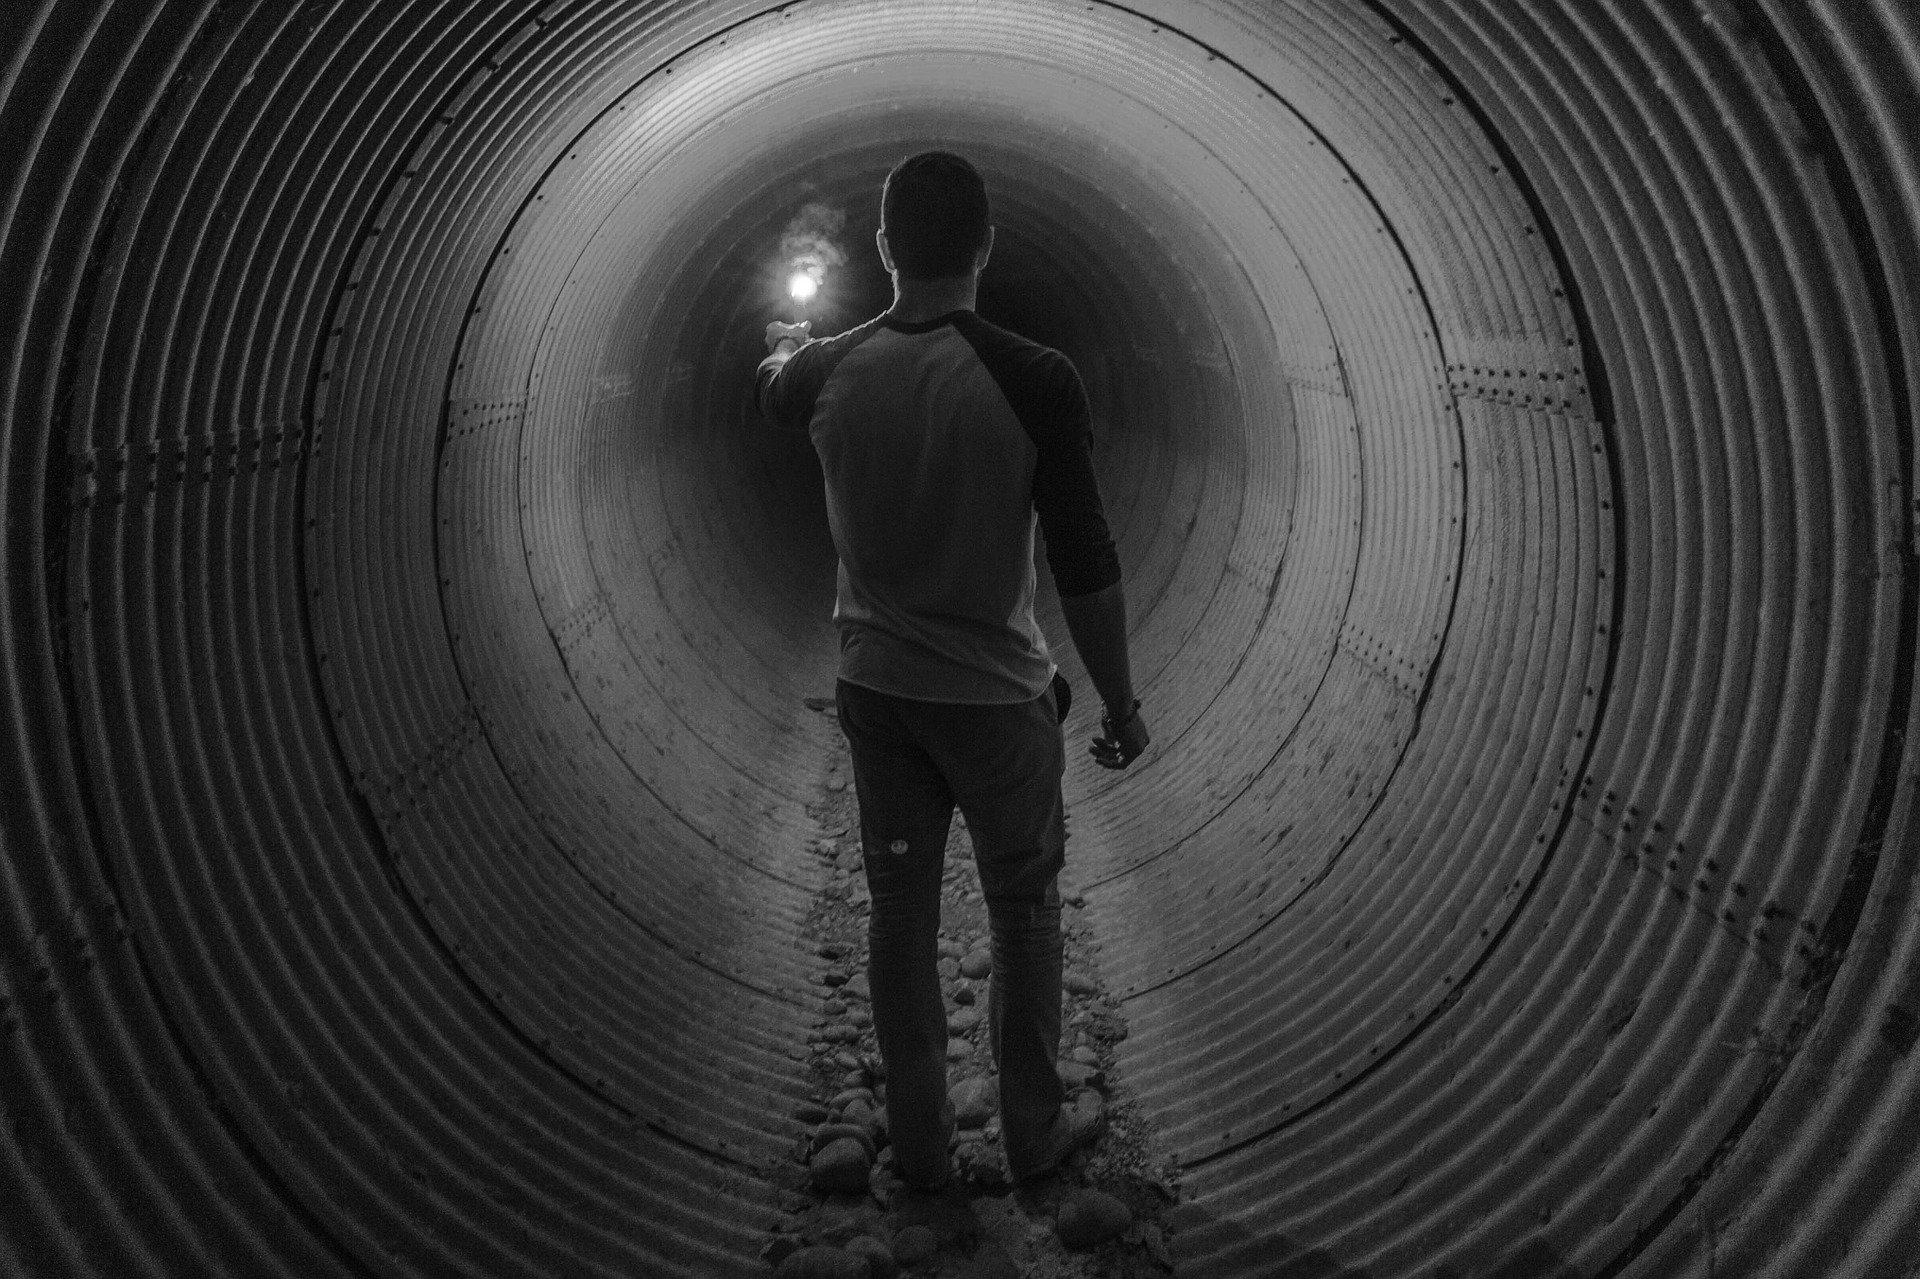 Le Grand et extraordinaire Jeu des paradoxes du confinement